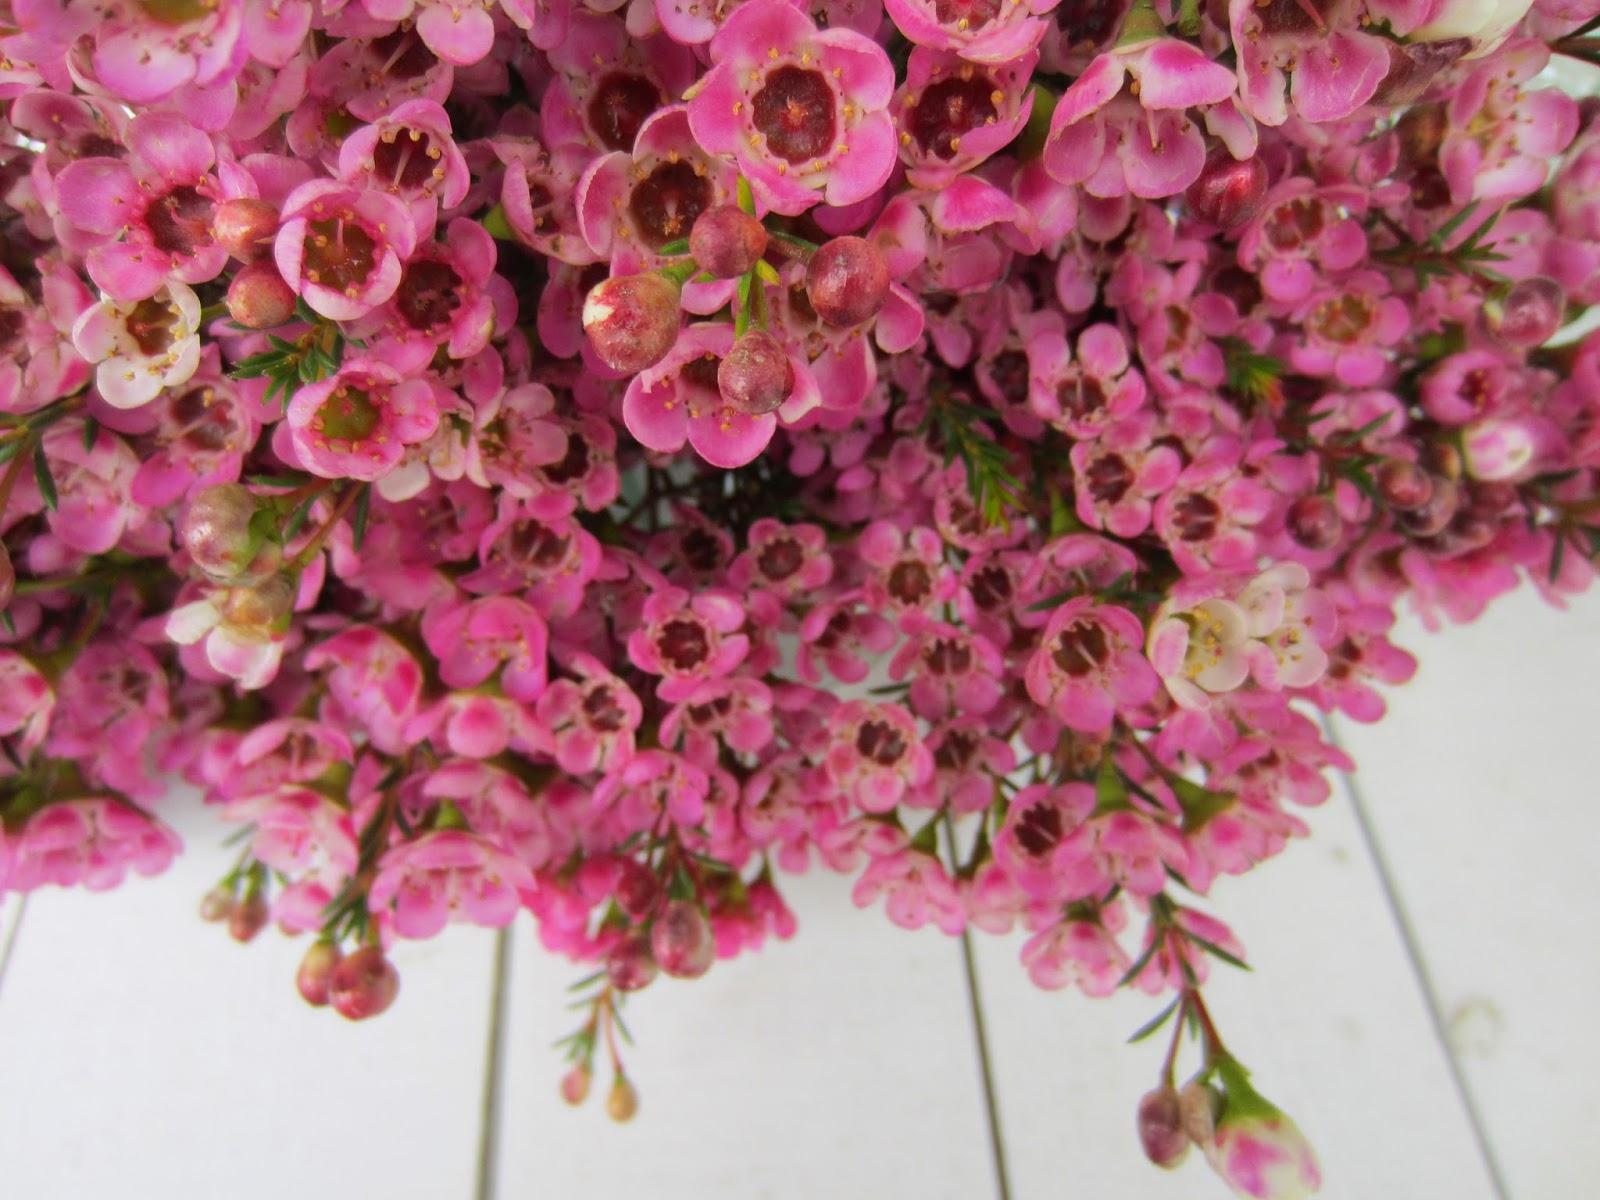 la petite boutique de fleurs fleuriste mariage lyon rose. Black Bedroom Furniture Sets. Home Design Ideas